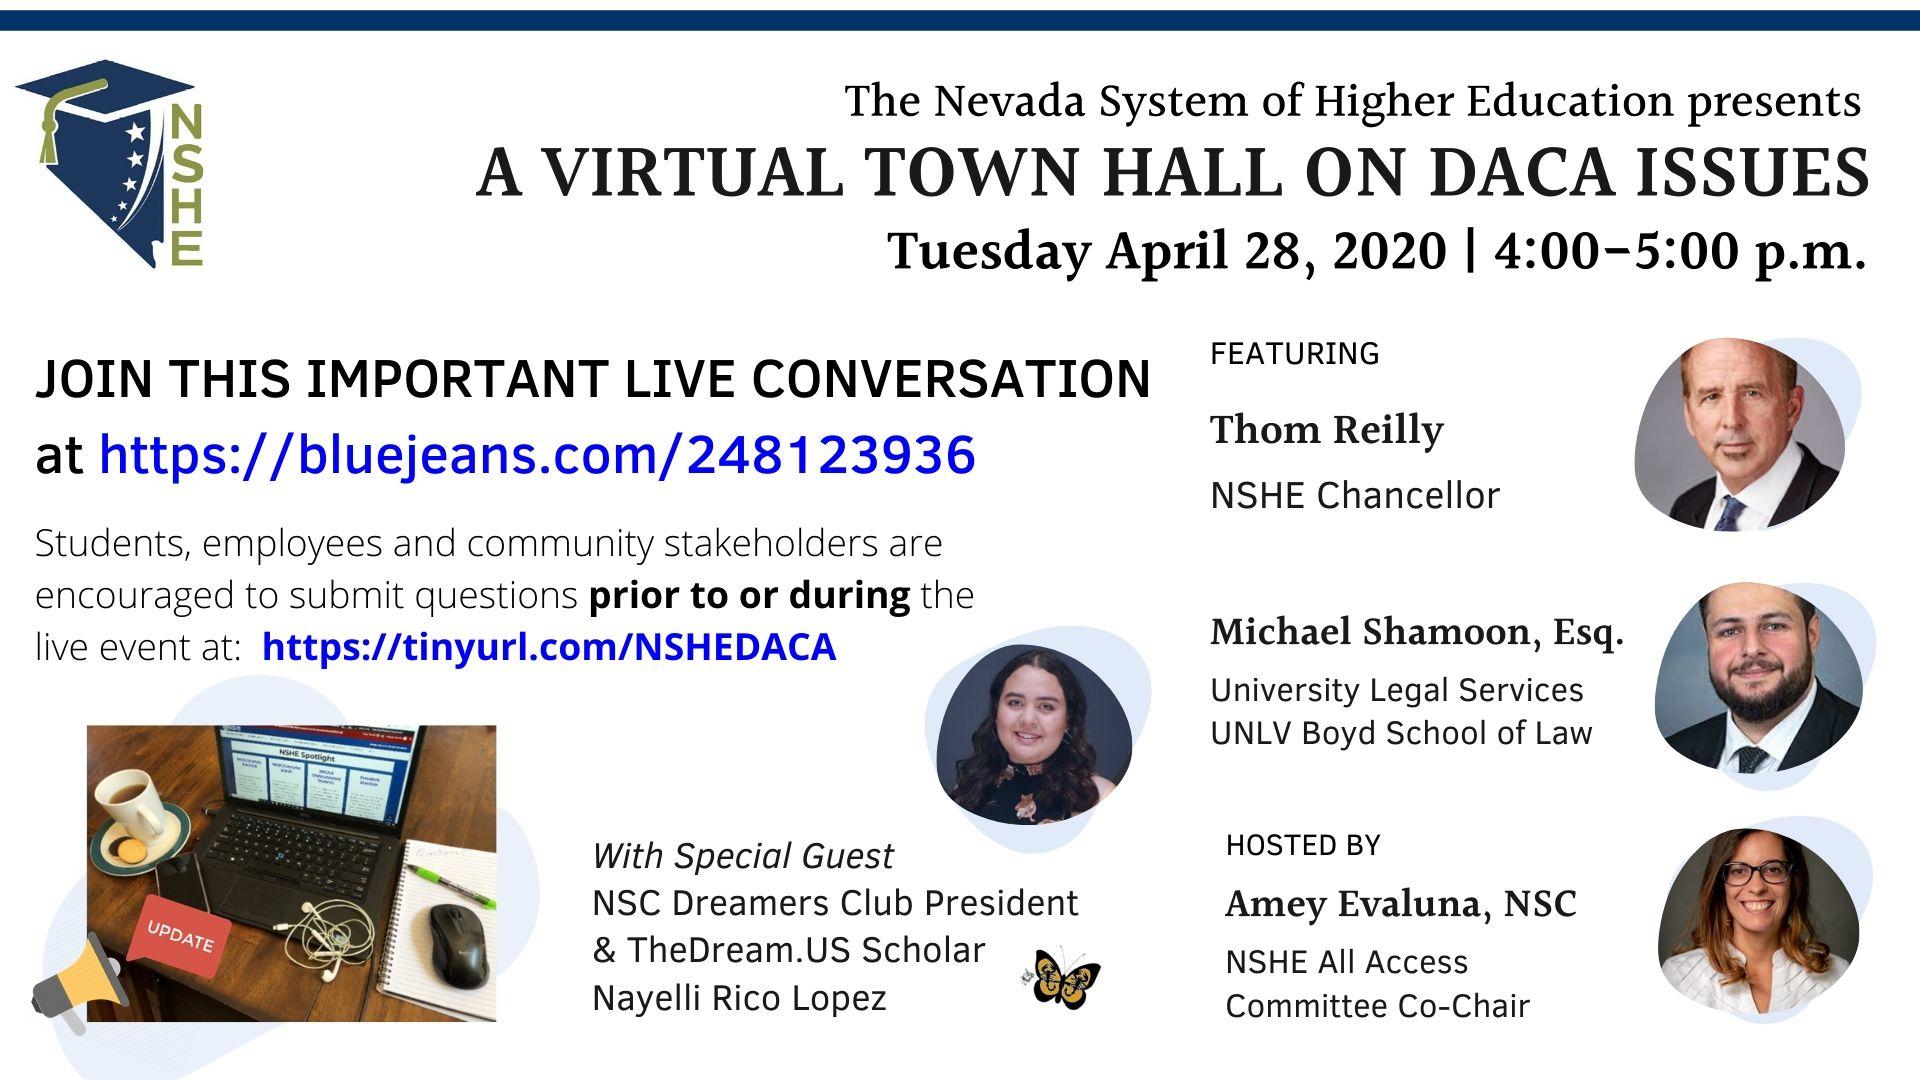 Volante digital de la reunión del ayuntamiento virtual del evento DACA.